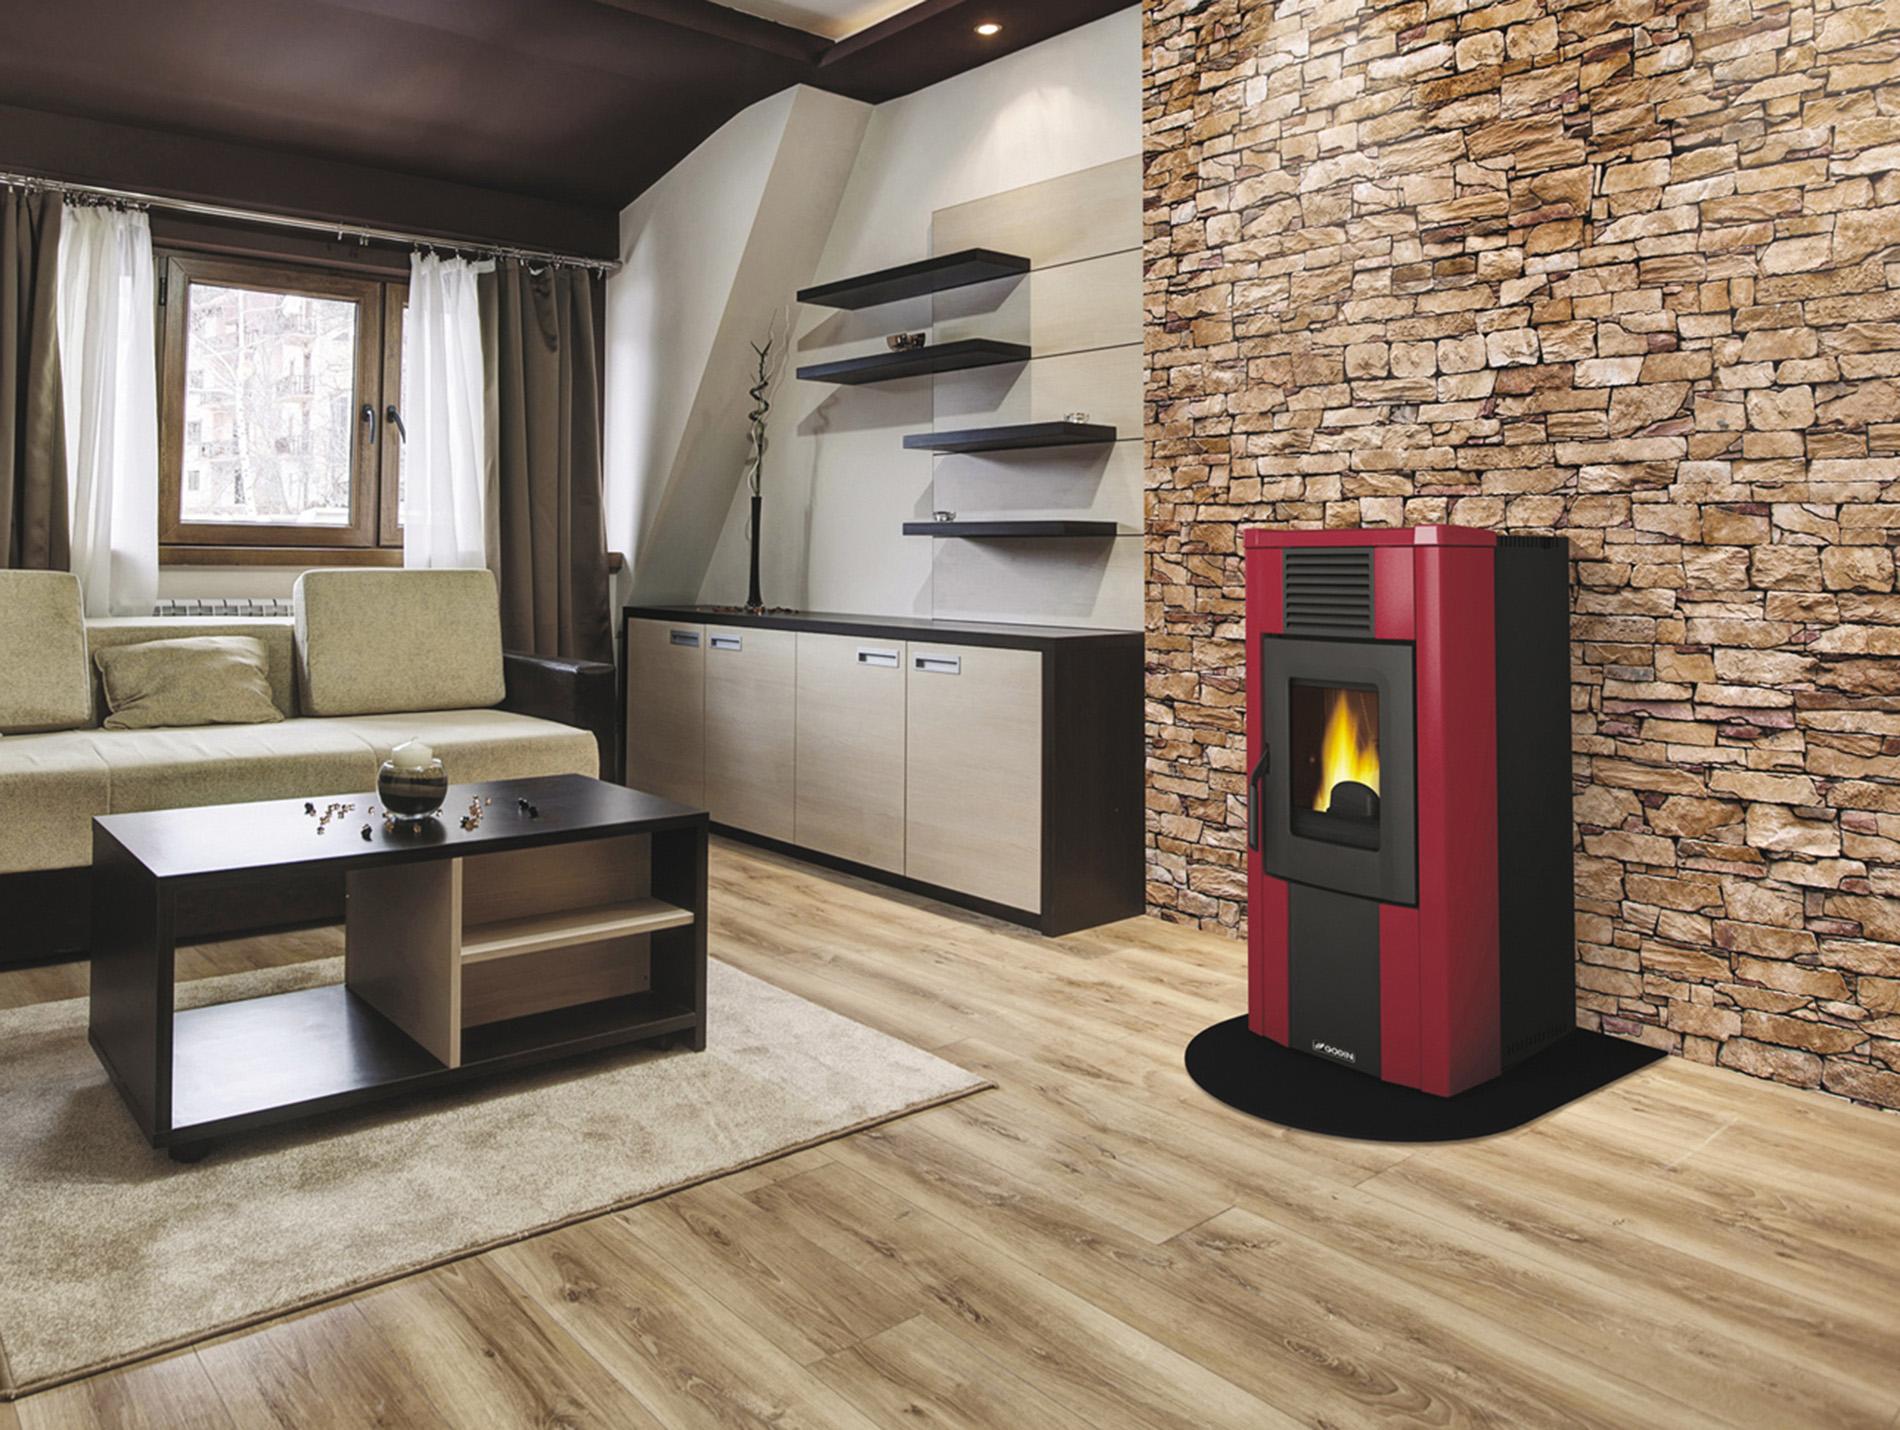 po le pellets godin mercure 10 2kw bordeaux. Black Bedroom Furniture Sets. Home Design Ideas